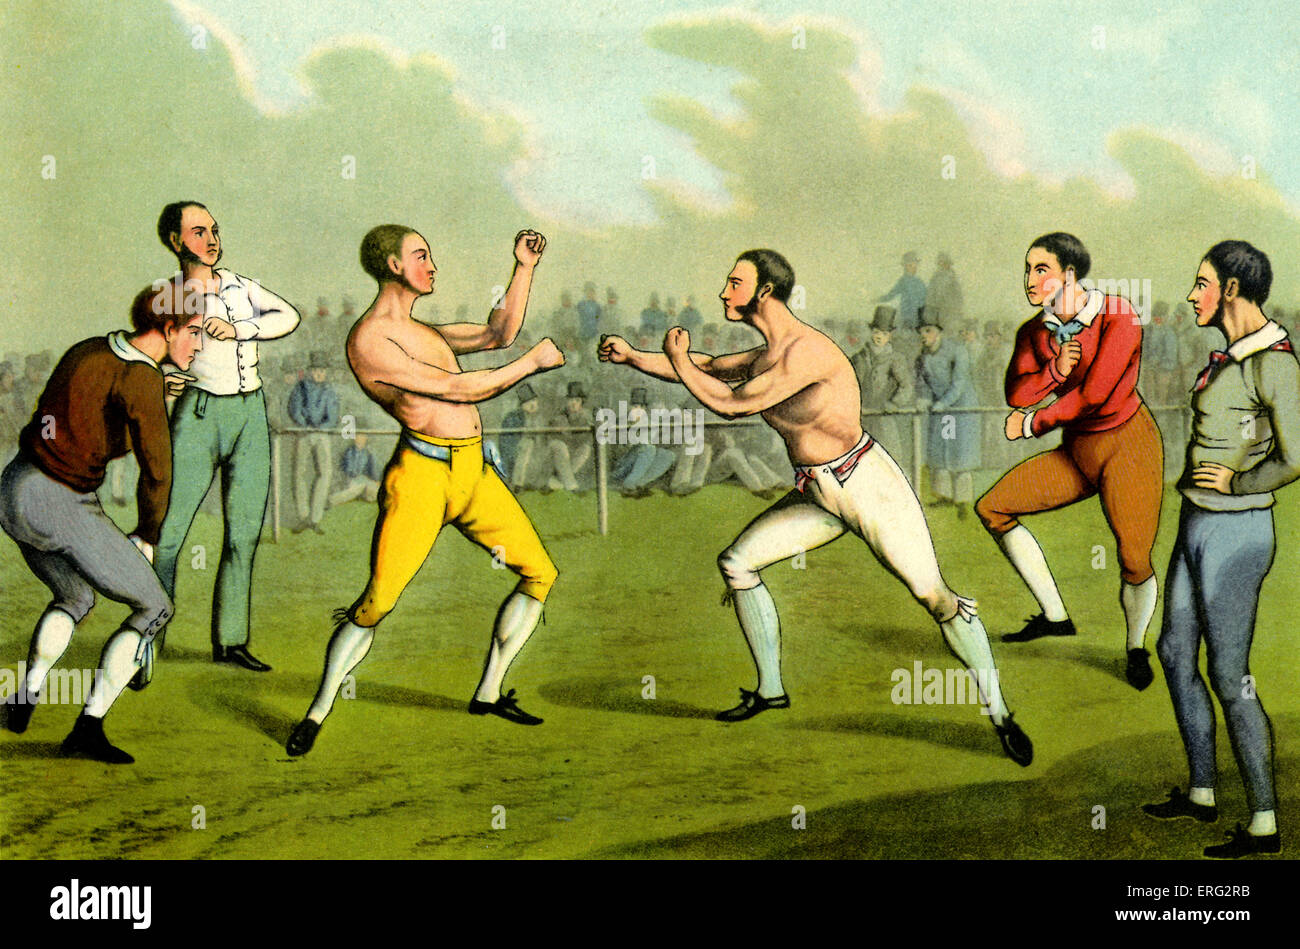 Bare knuckle boxeo. Grabado por Henry Alken artista británico el 12 de octubre de 1785 - 7 de abril de 1851. Imagen De Stock